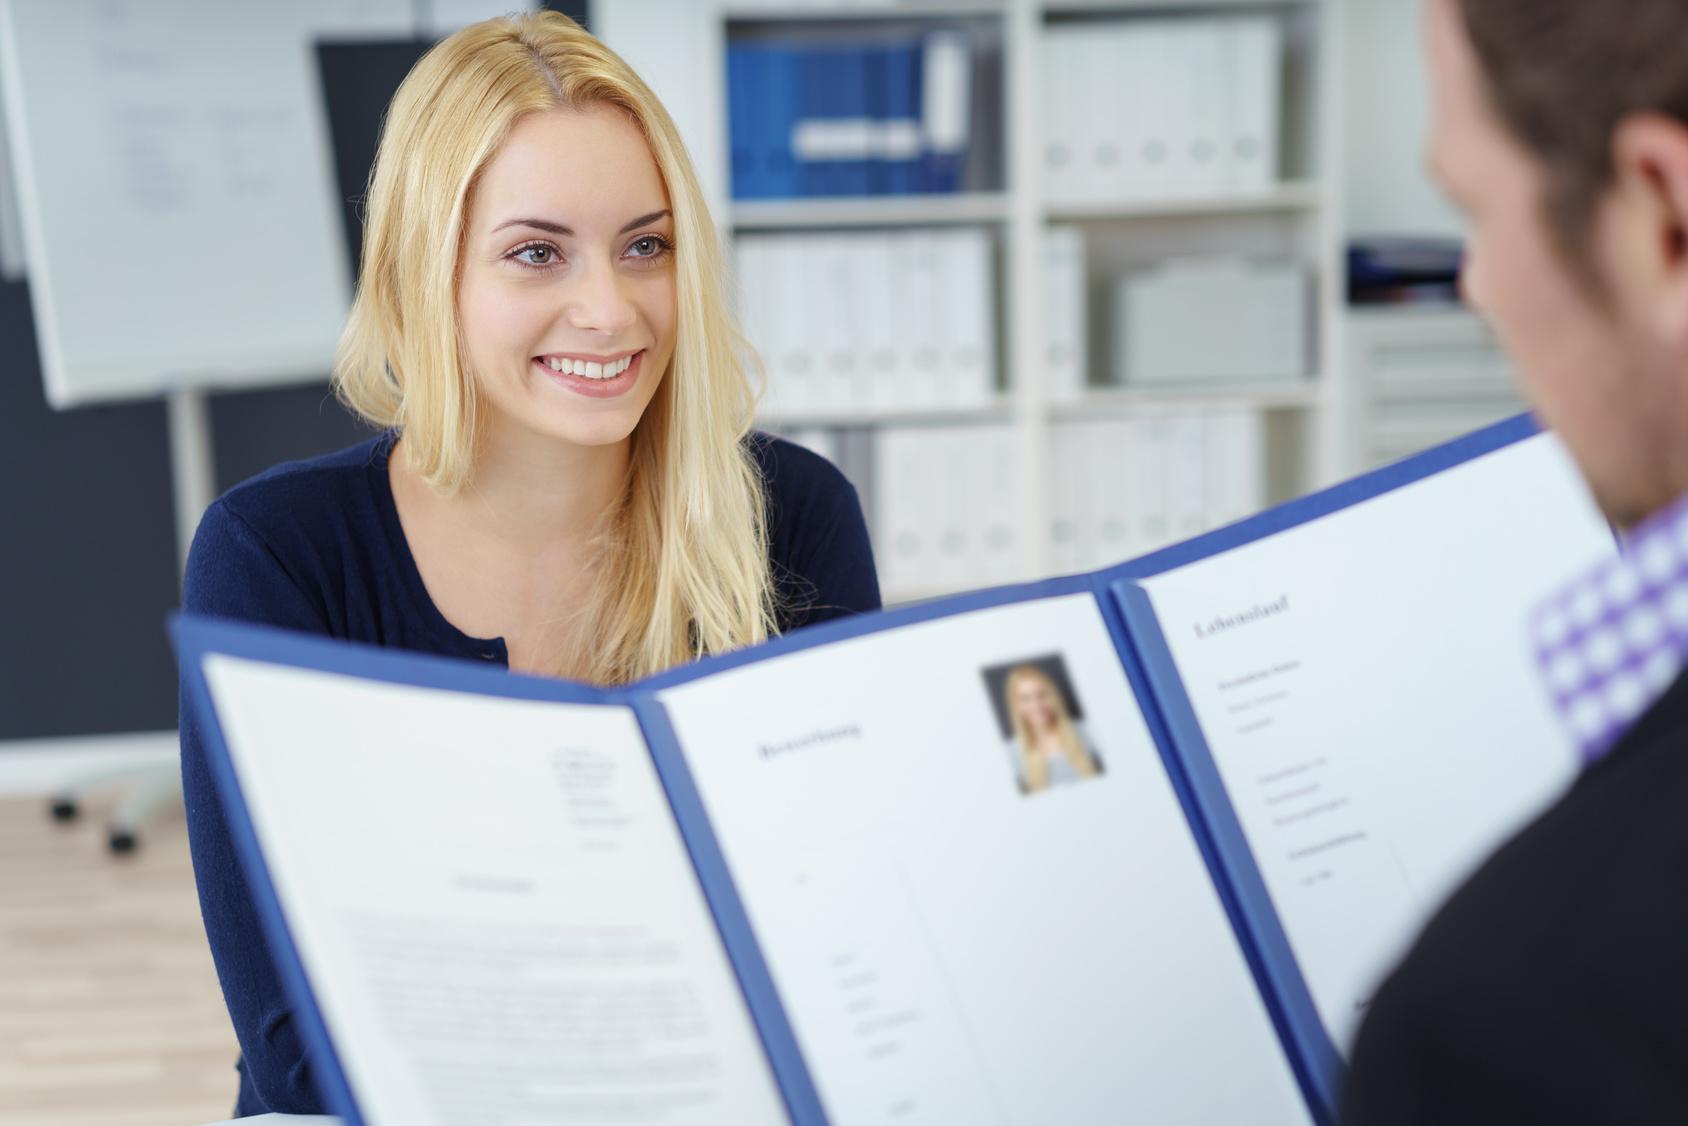 Анкета при приеме на работу на менеджера по продажам